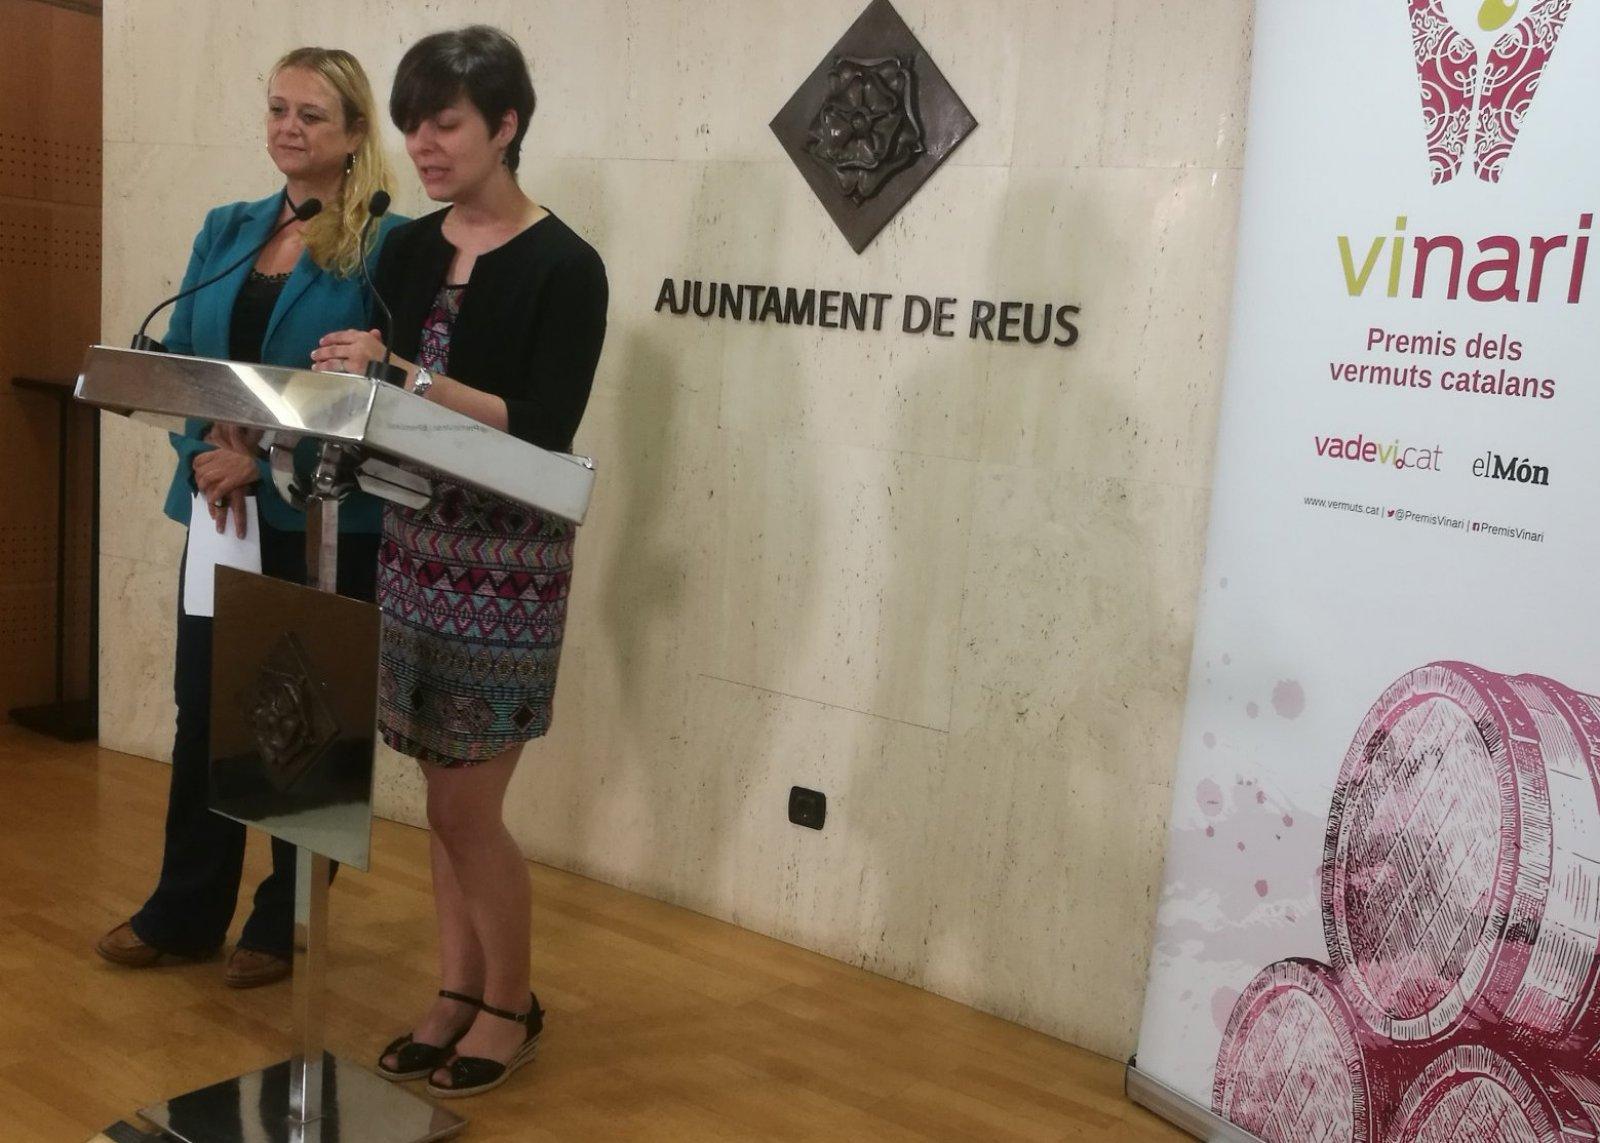 La regidora de promoció econòmica de l'Ajuntament de Reus i la directora dels Premis Vinari, Eva Vicens